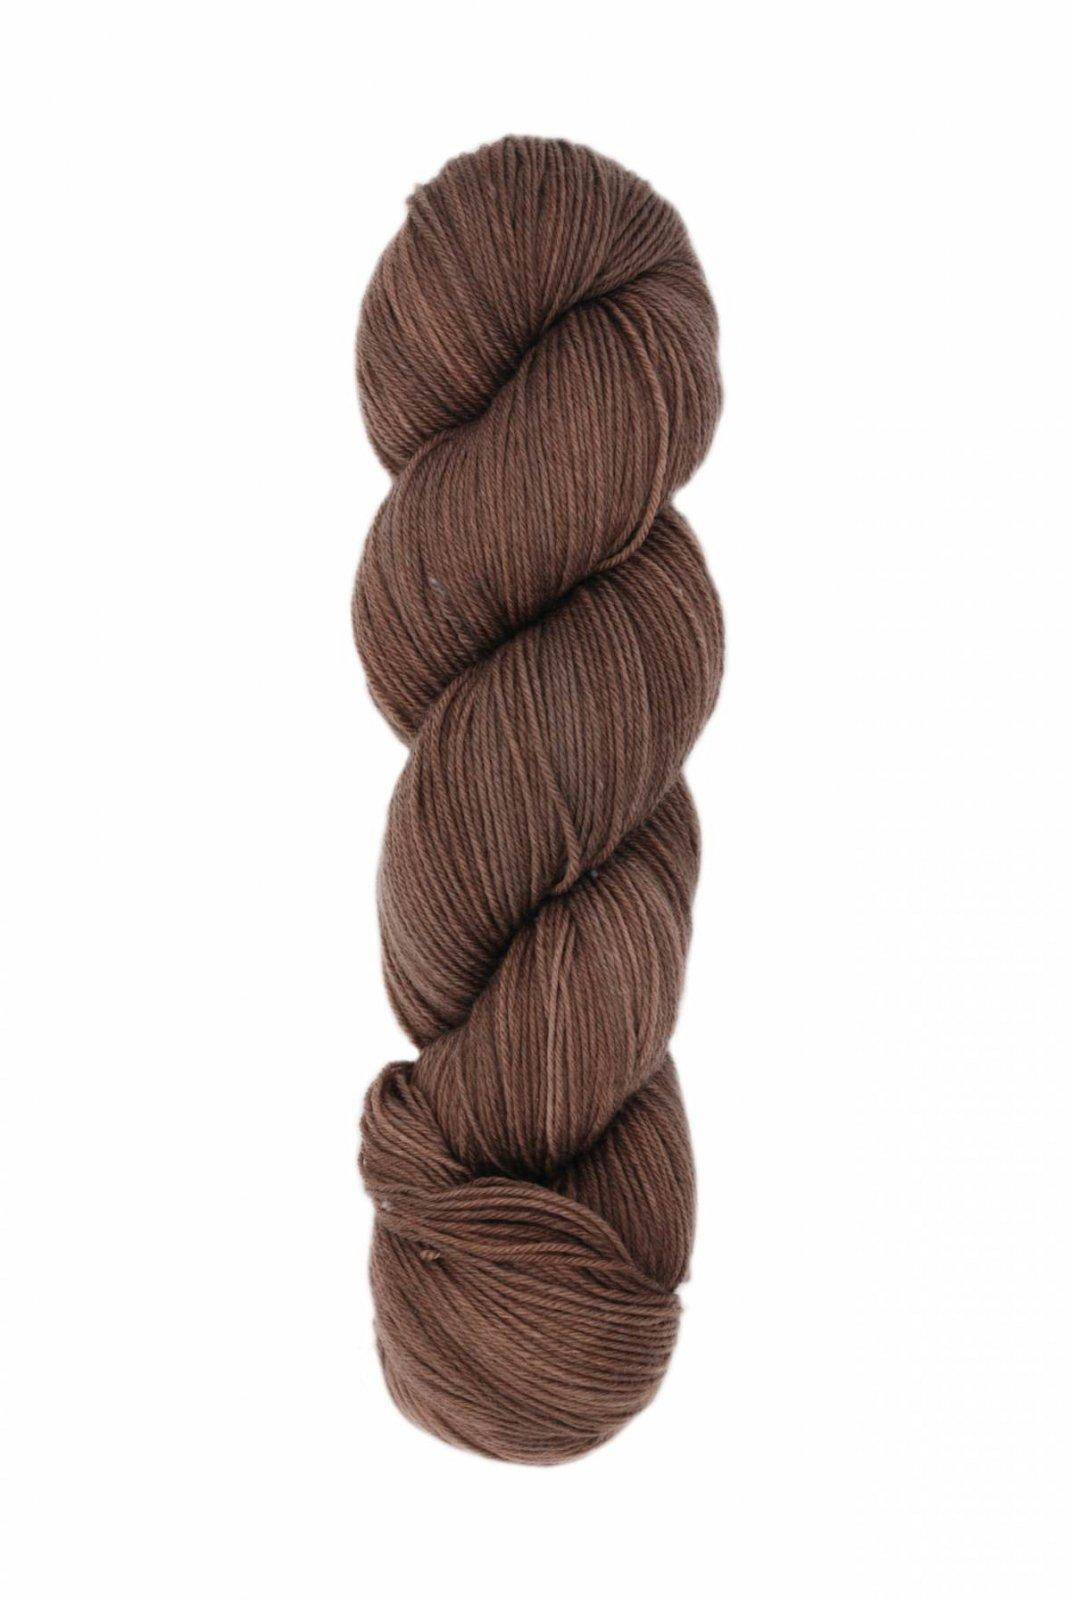 KFI Collection:  Indulgence Kettle Dyed:  1003 Mocha